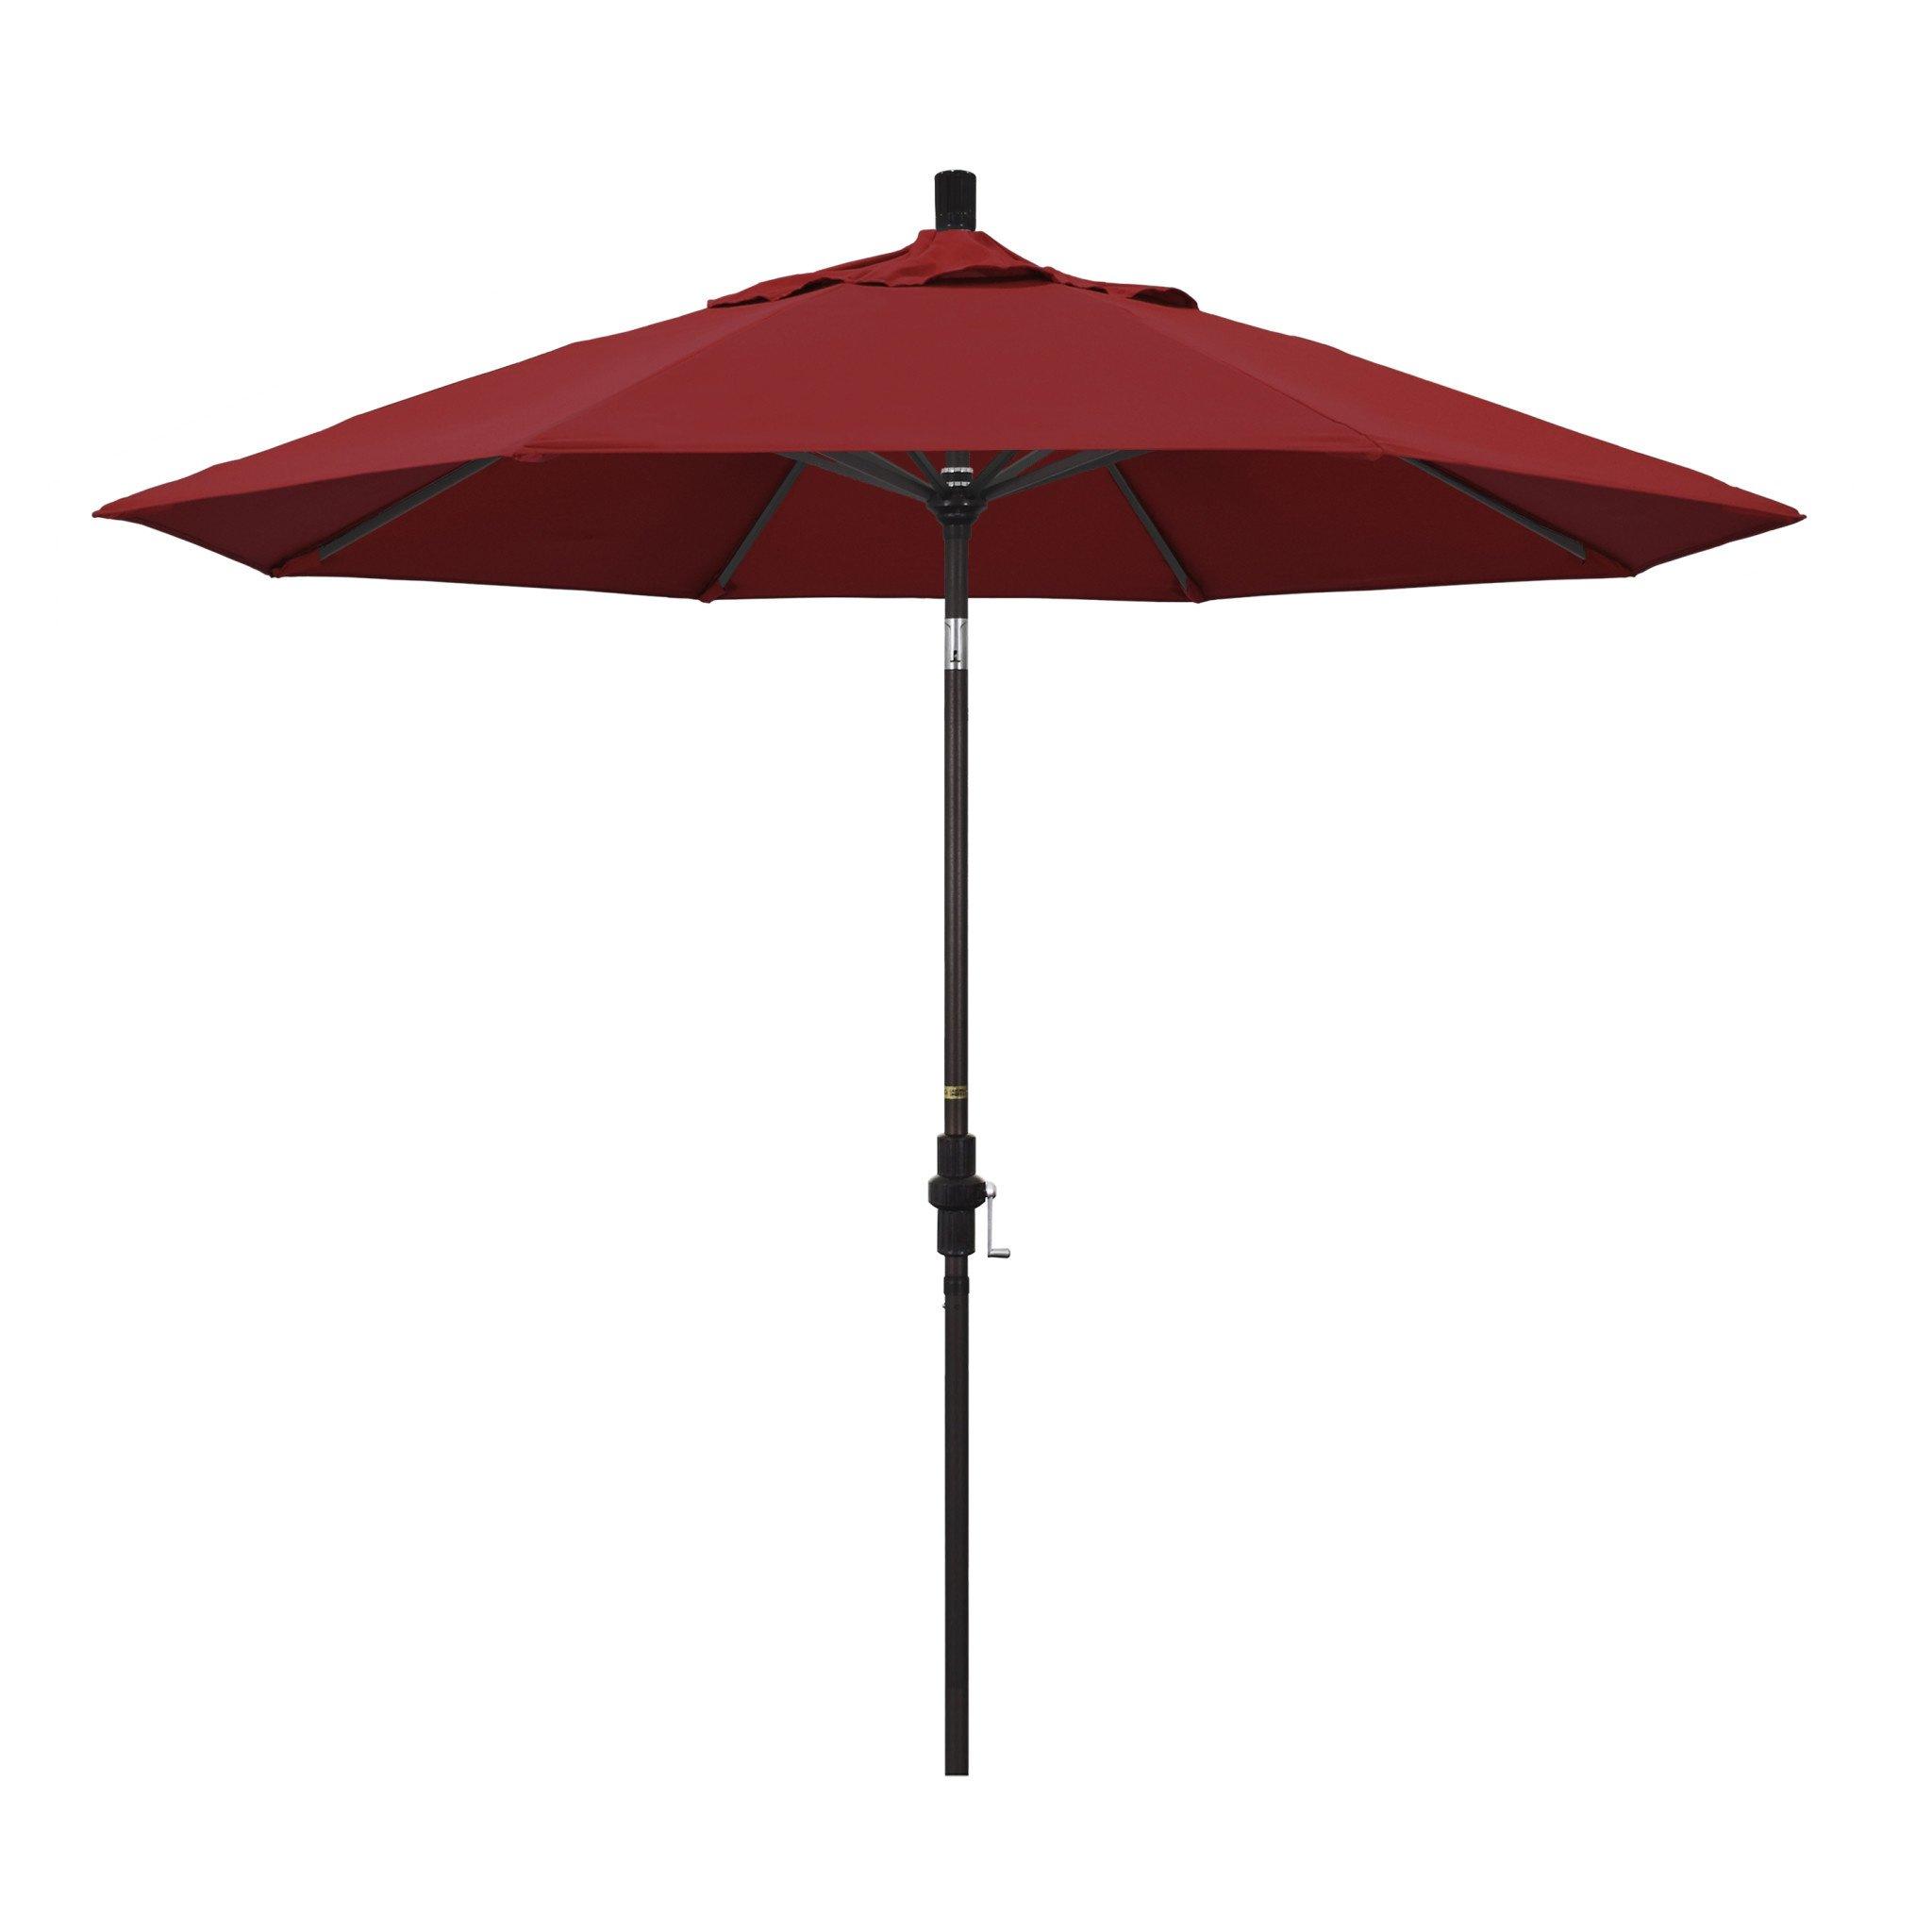 California Umbrella 9' Collar Tilt - Pacifica Jockey Red